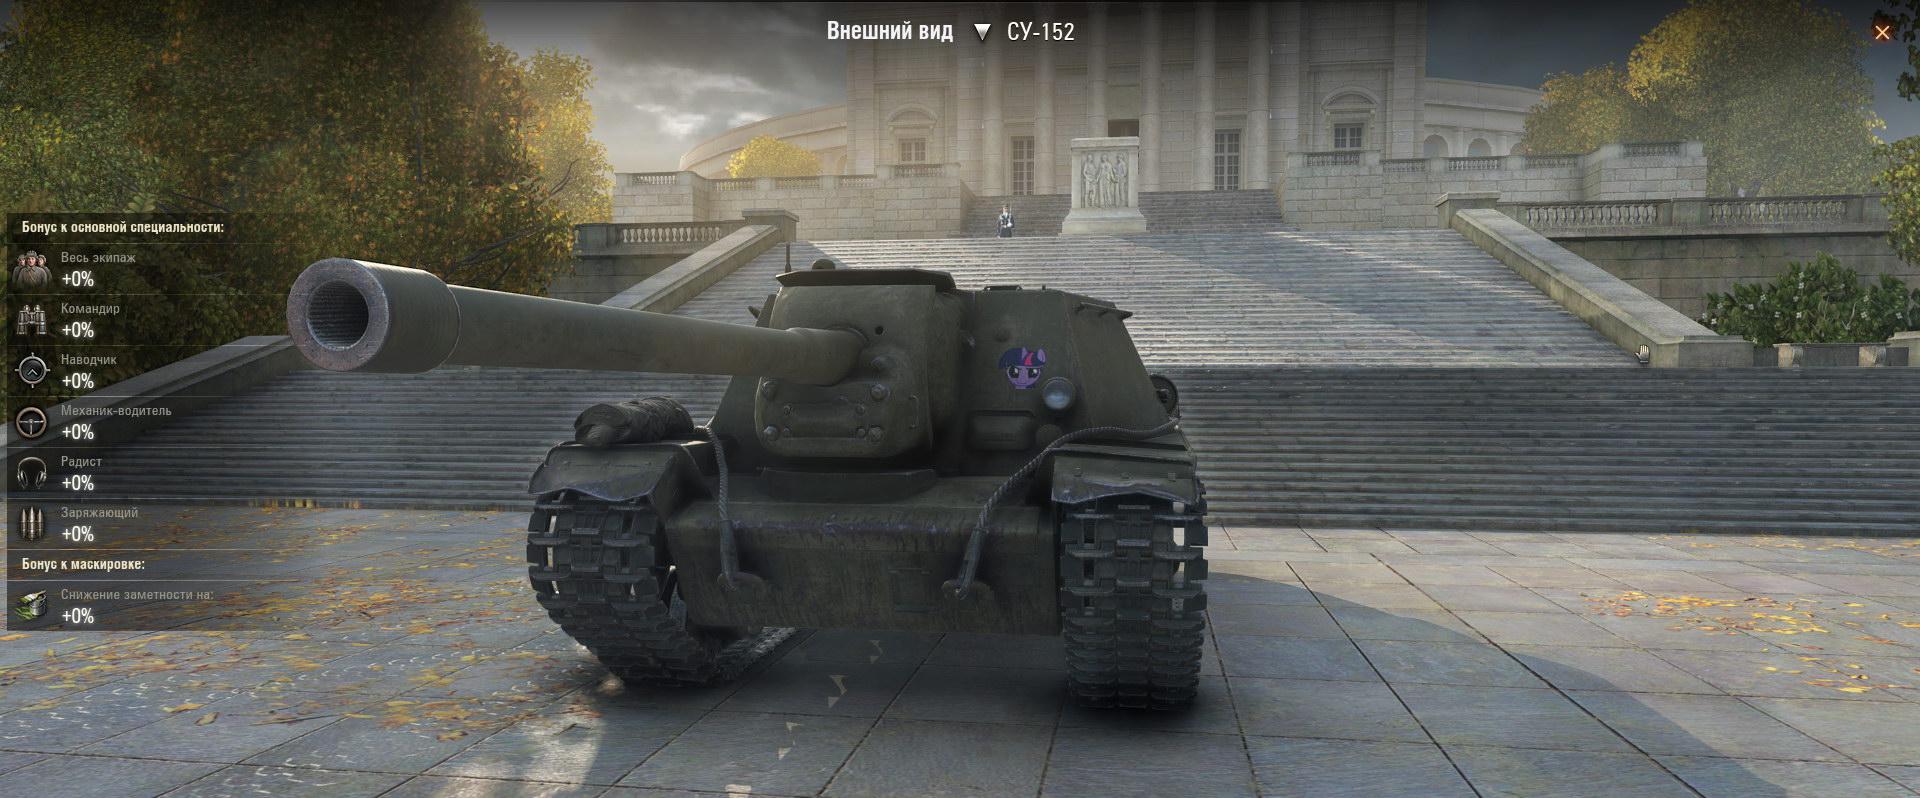 mod world of tanks официальный сайт